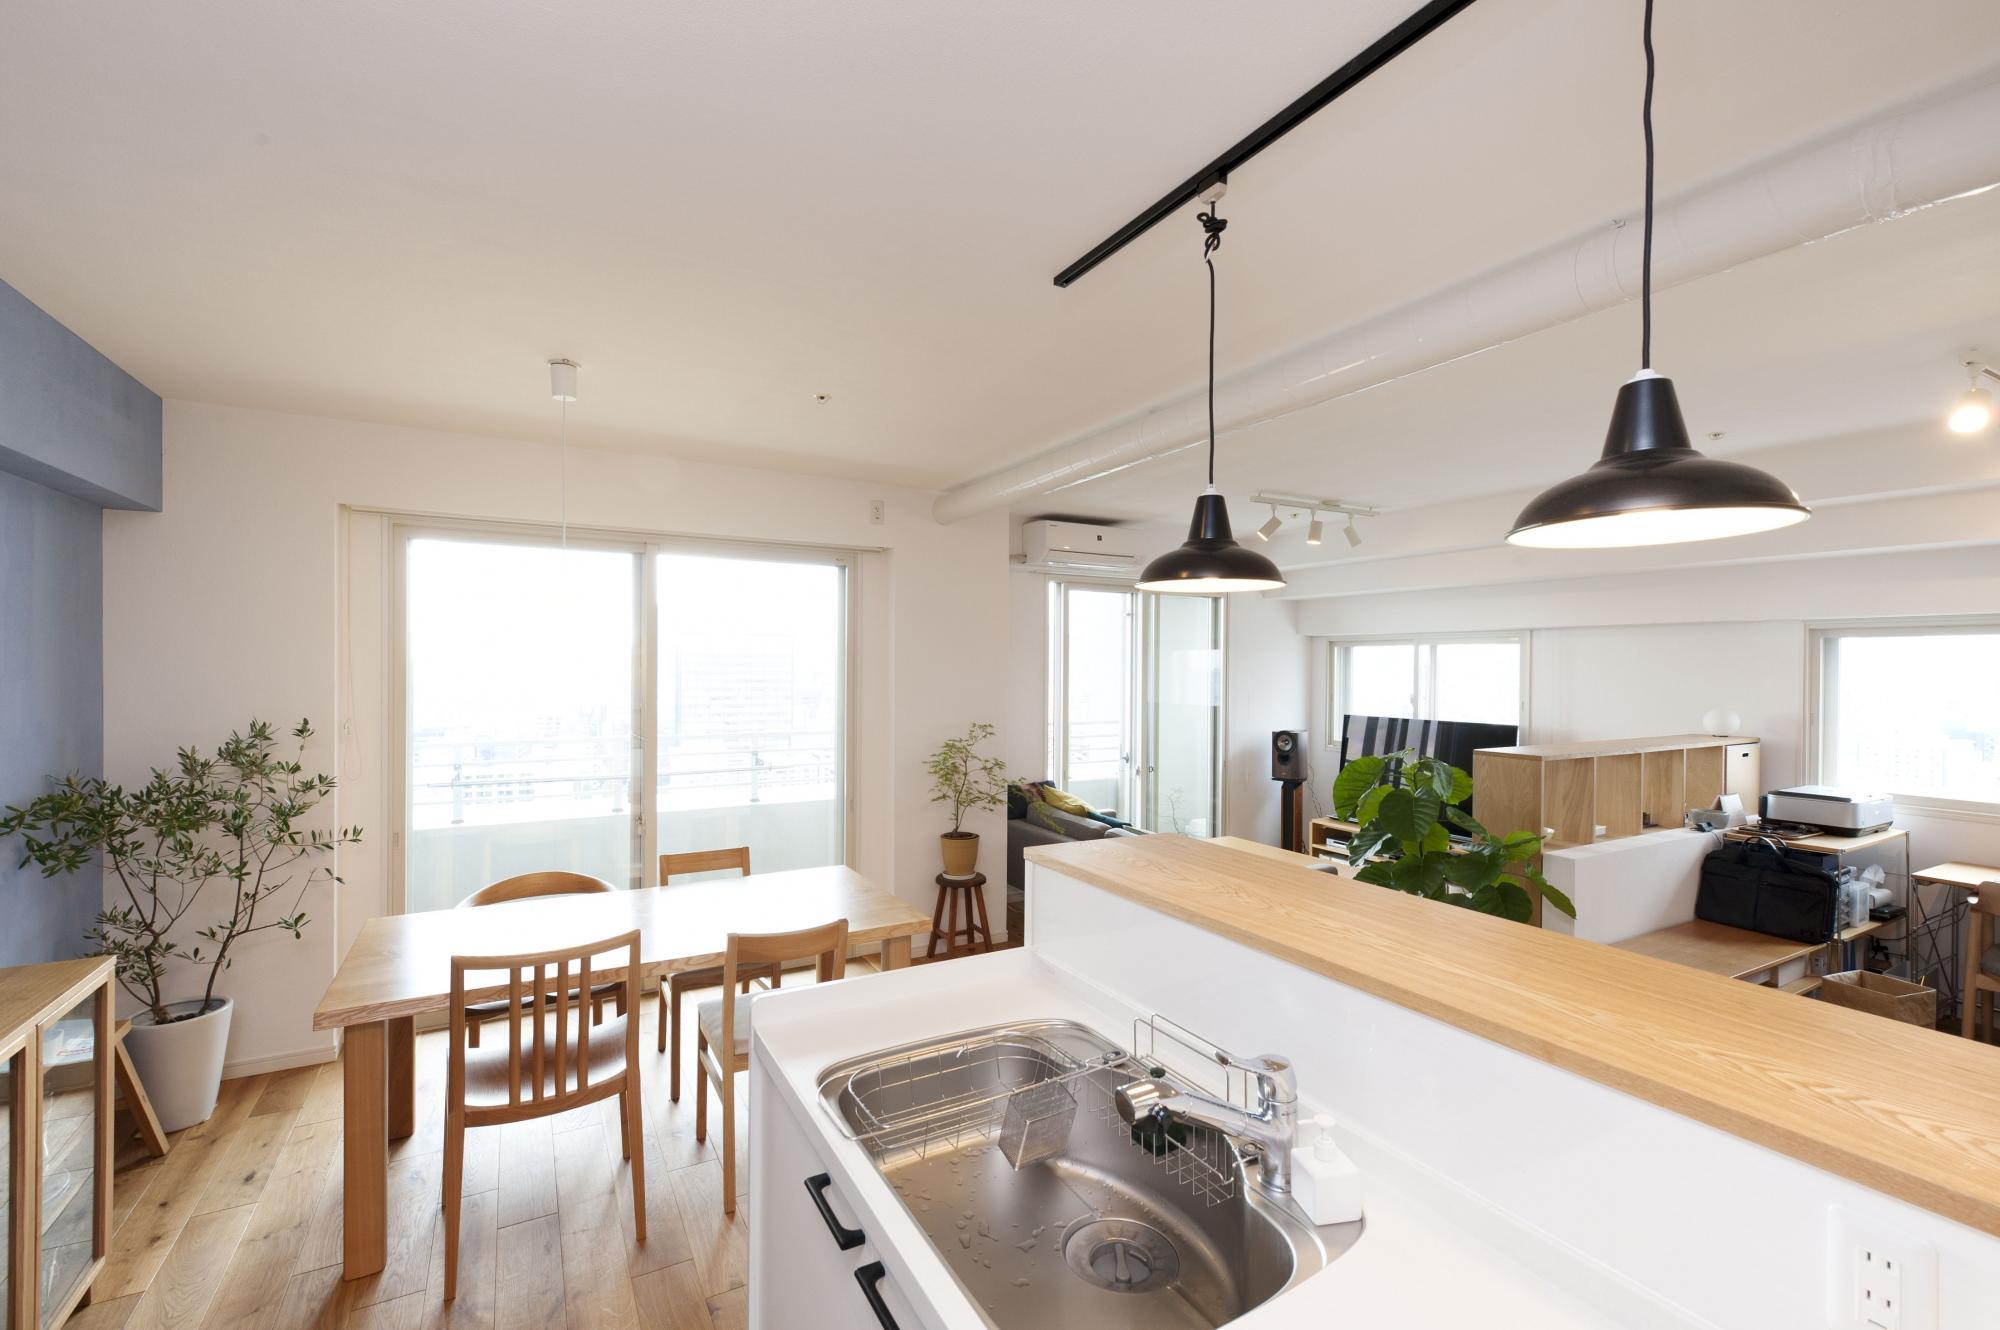 吊り戸棚がなく、明るく開放的なキッチン。キッチンのダクトは白く塗装して露出し、圧迫感のあった天井の大きな梁(ダクトスペース)をなくした。ここに立てば、書斎にいる家族の姿が見え、眺望も楽しめる。